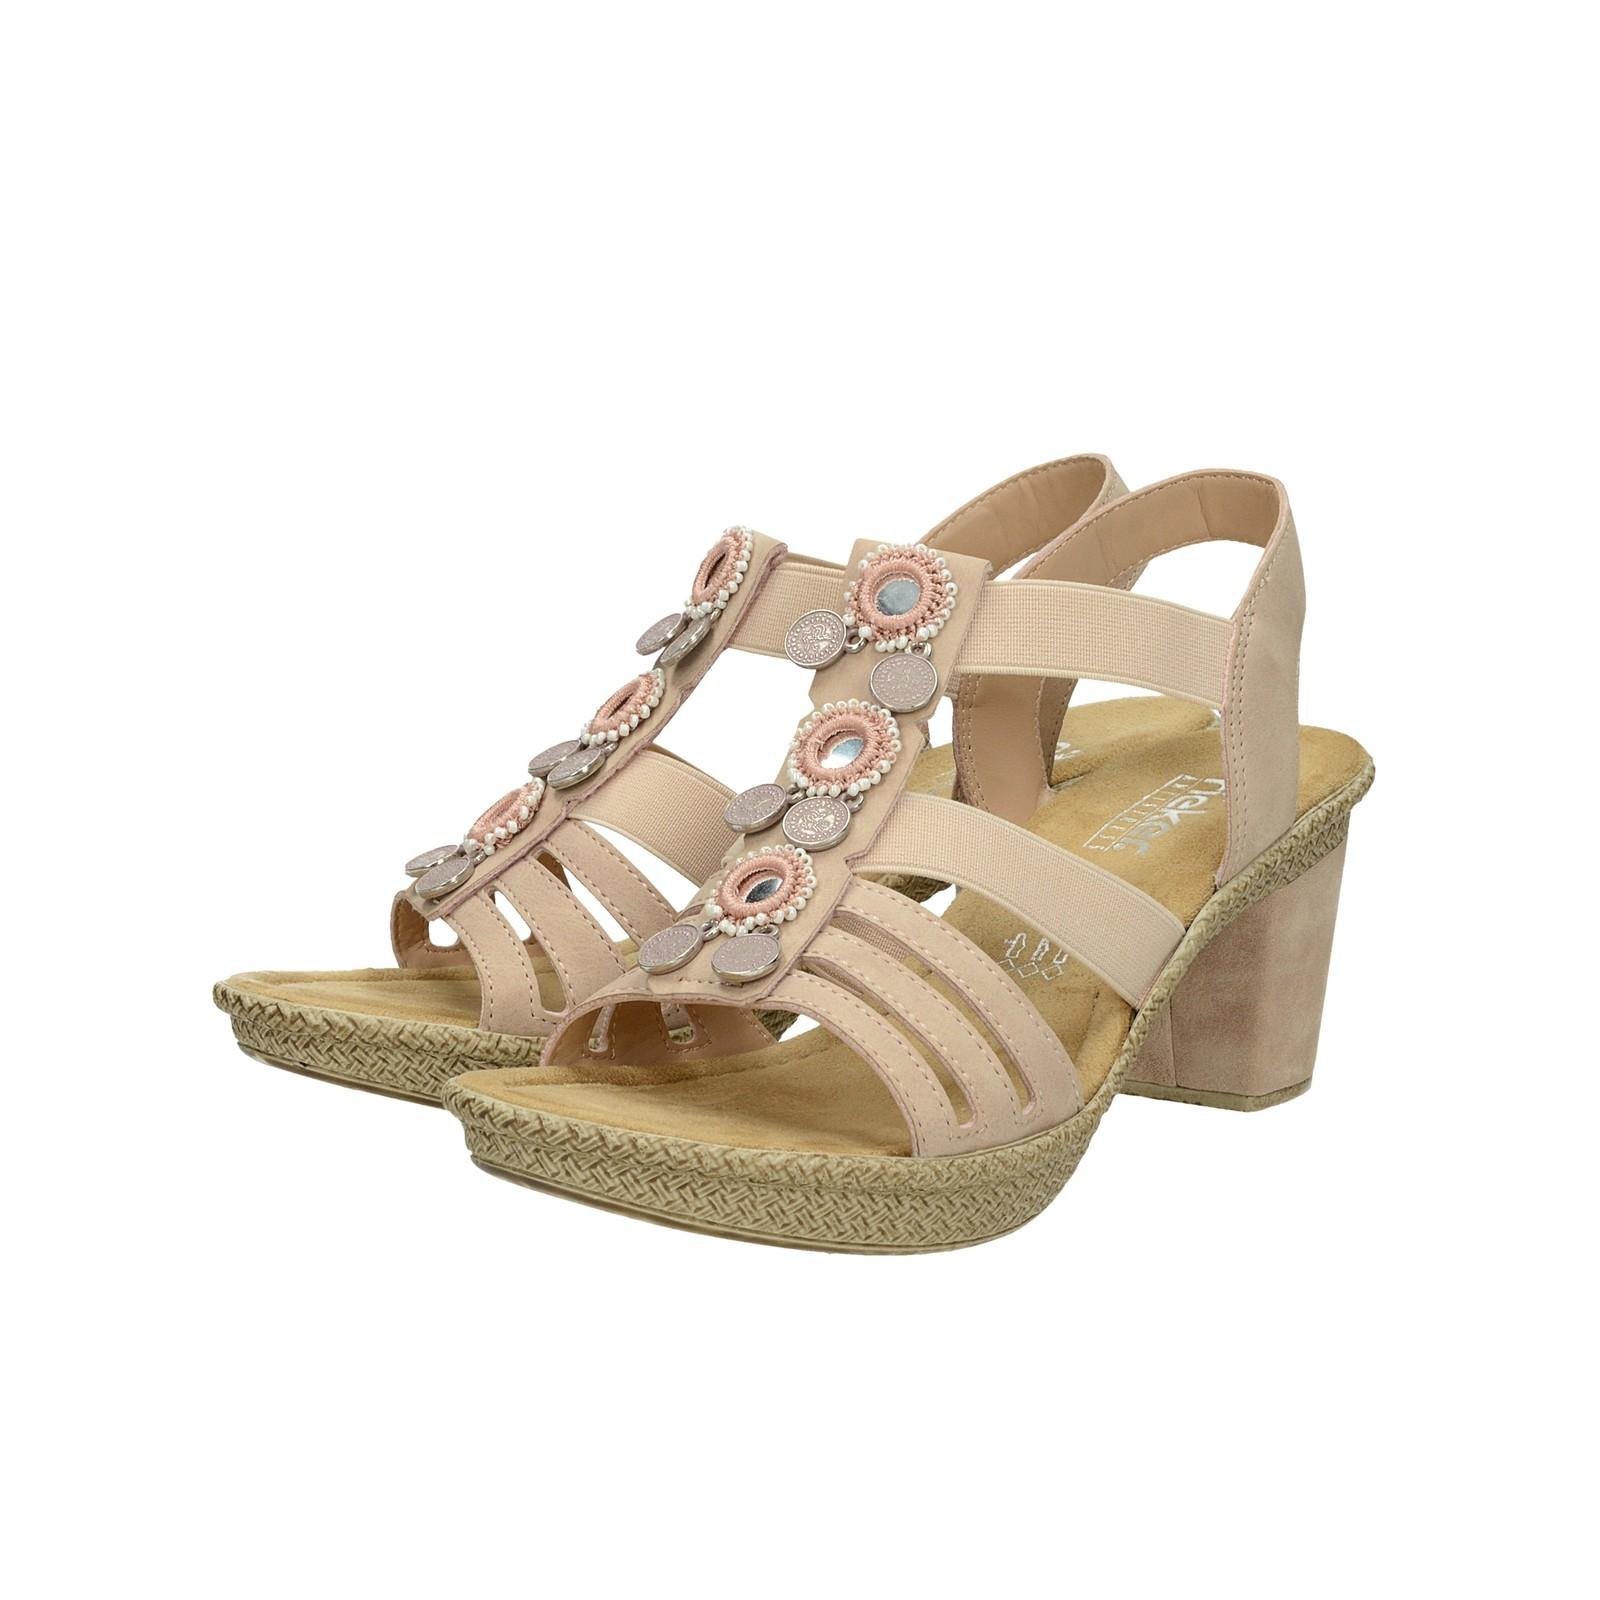 3966f9bd8d27 Rieker dámské stylové sandály s ozdobnými prvky - růžové ...